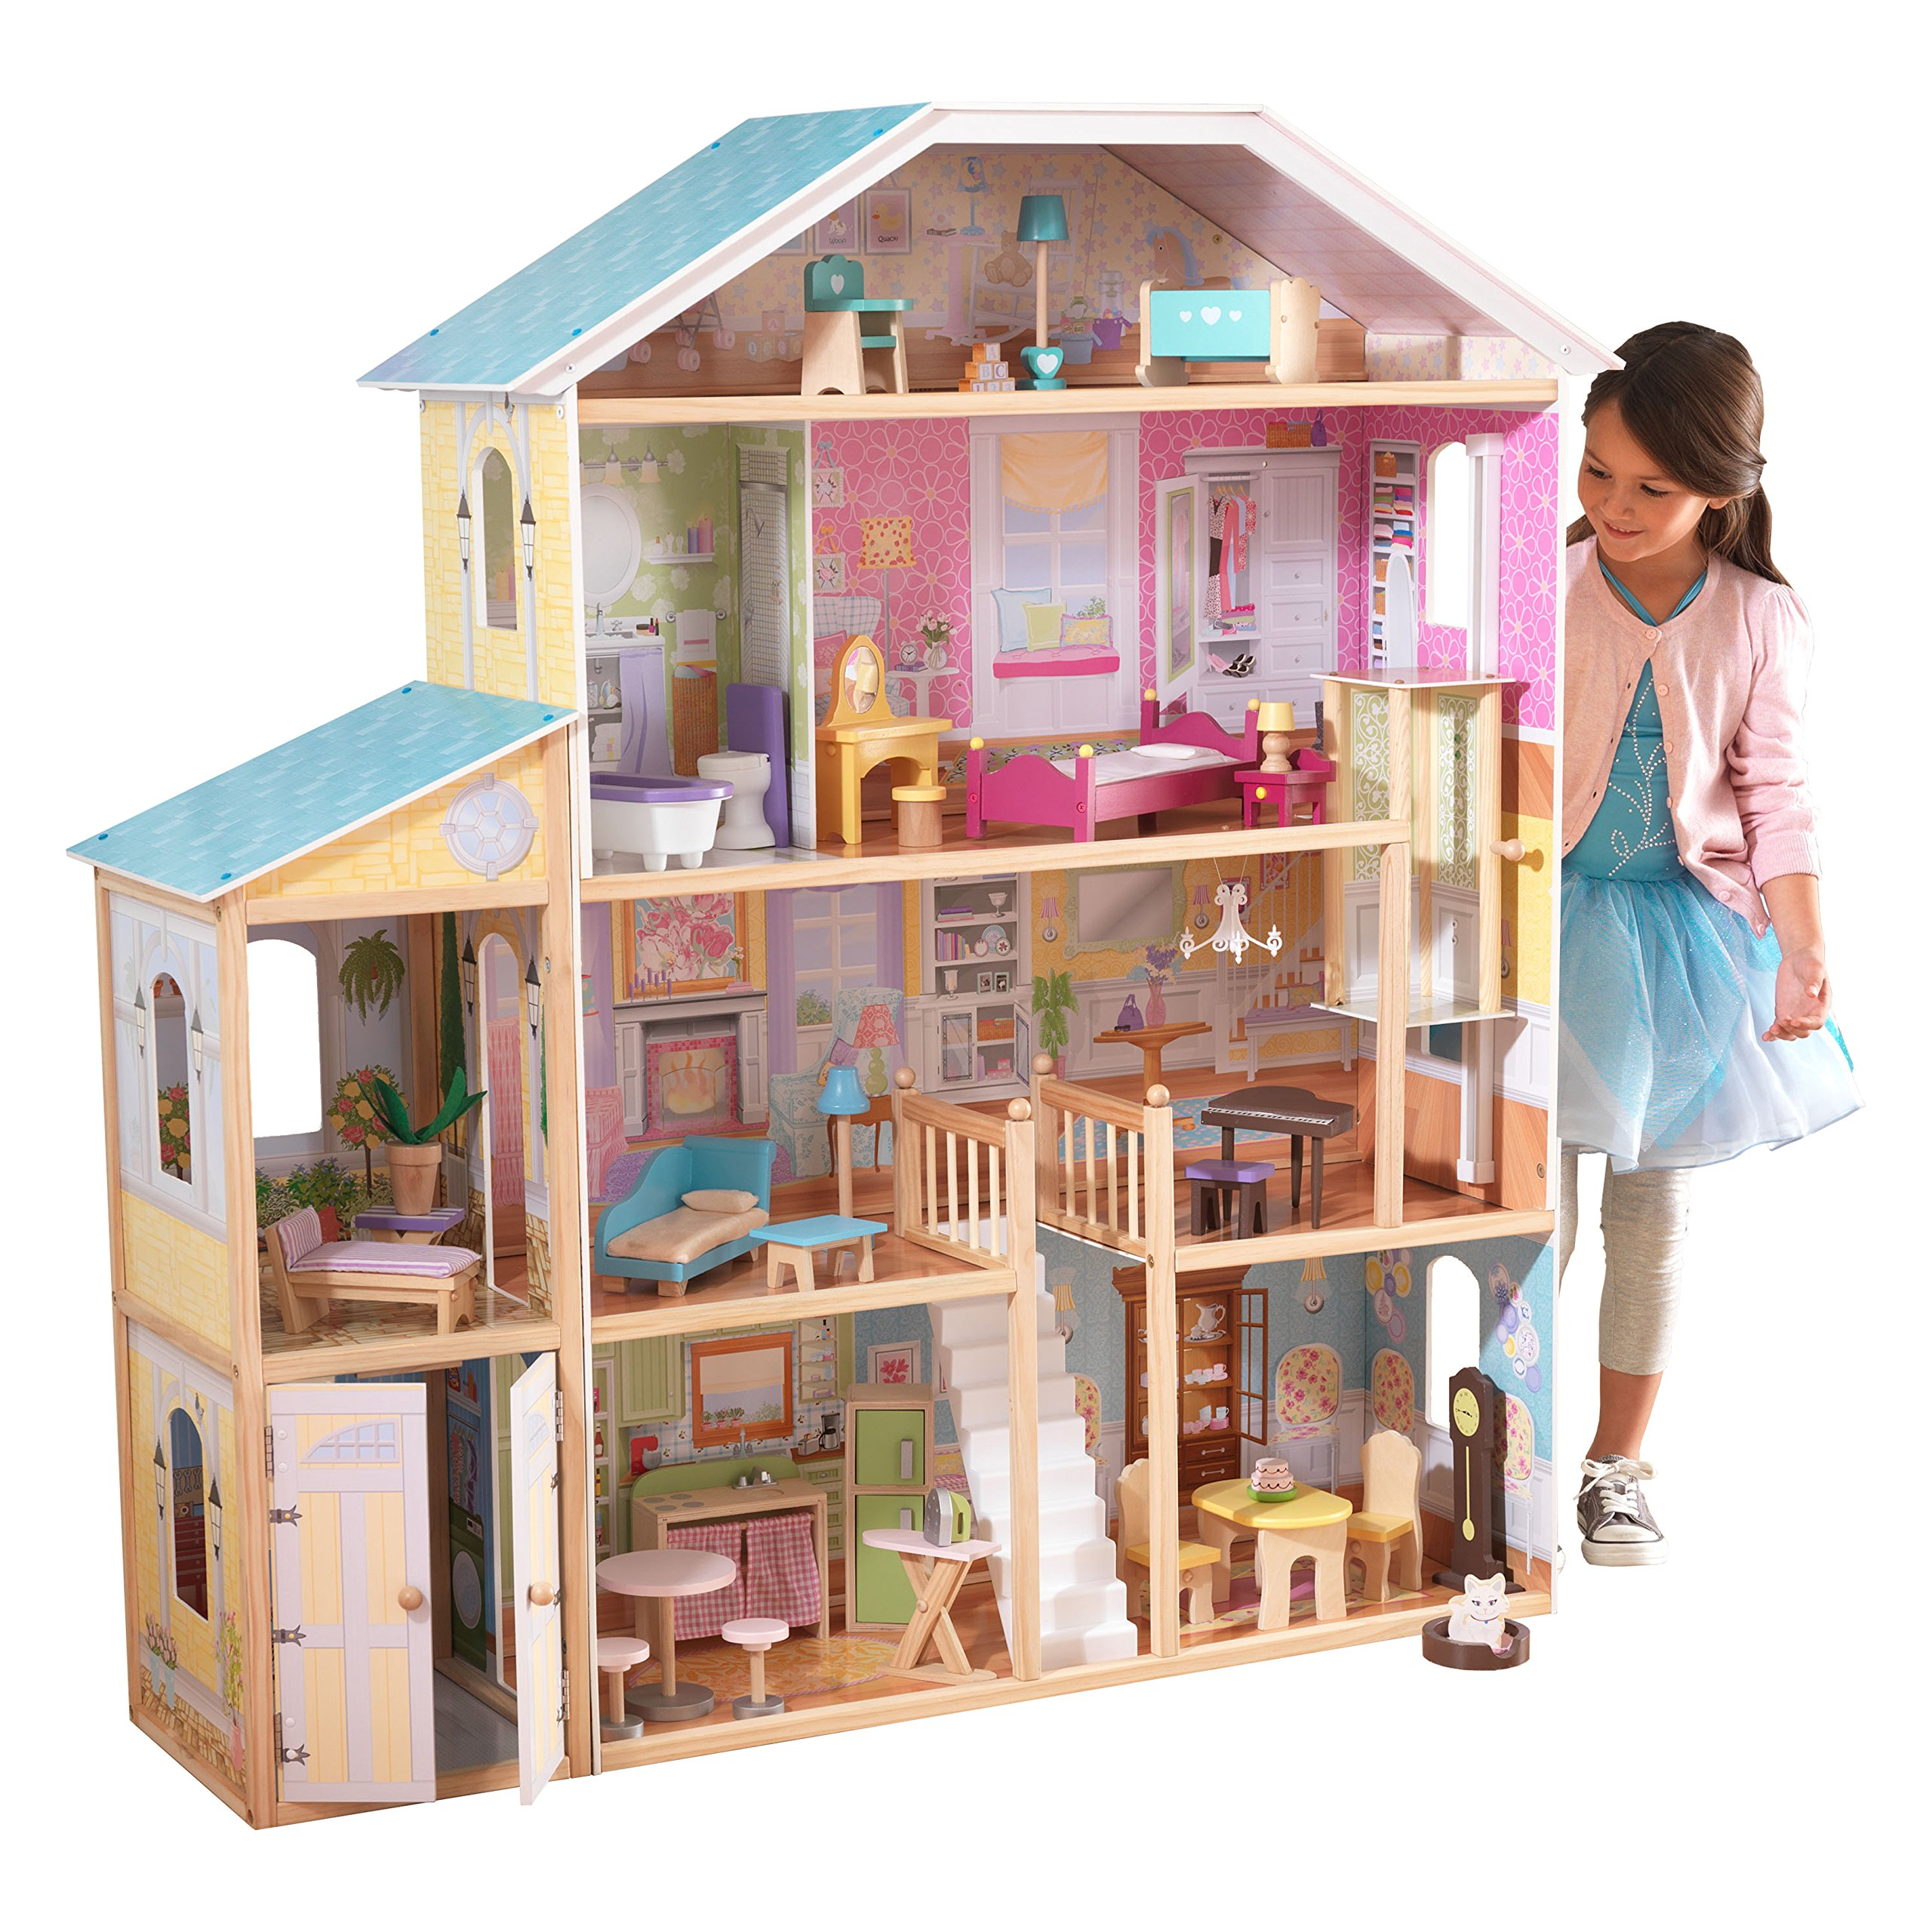 KidKraft- Majestic Mansion Casa de muñecas de madera con muebles y accesorios incluidos, 4 pisos, para muñecas de 30 cm , Color Multicolor ( 65252 )